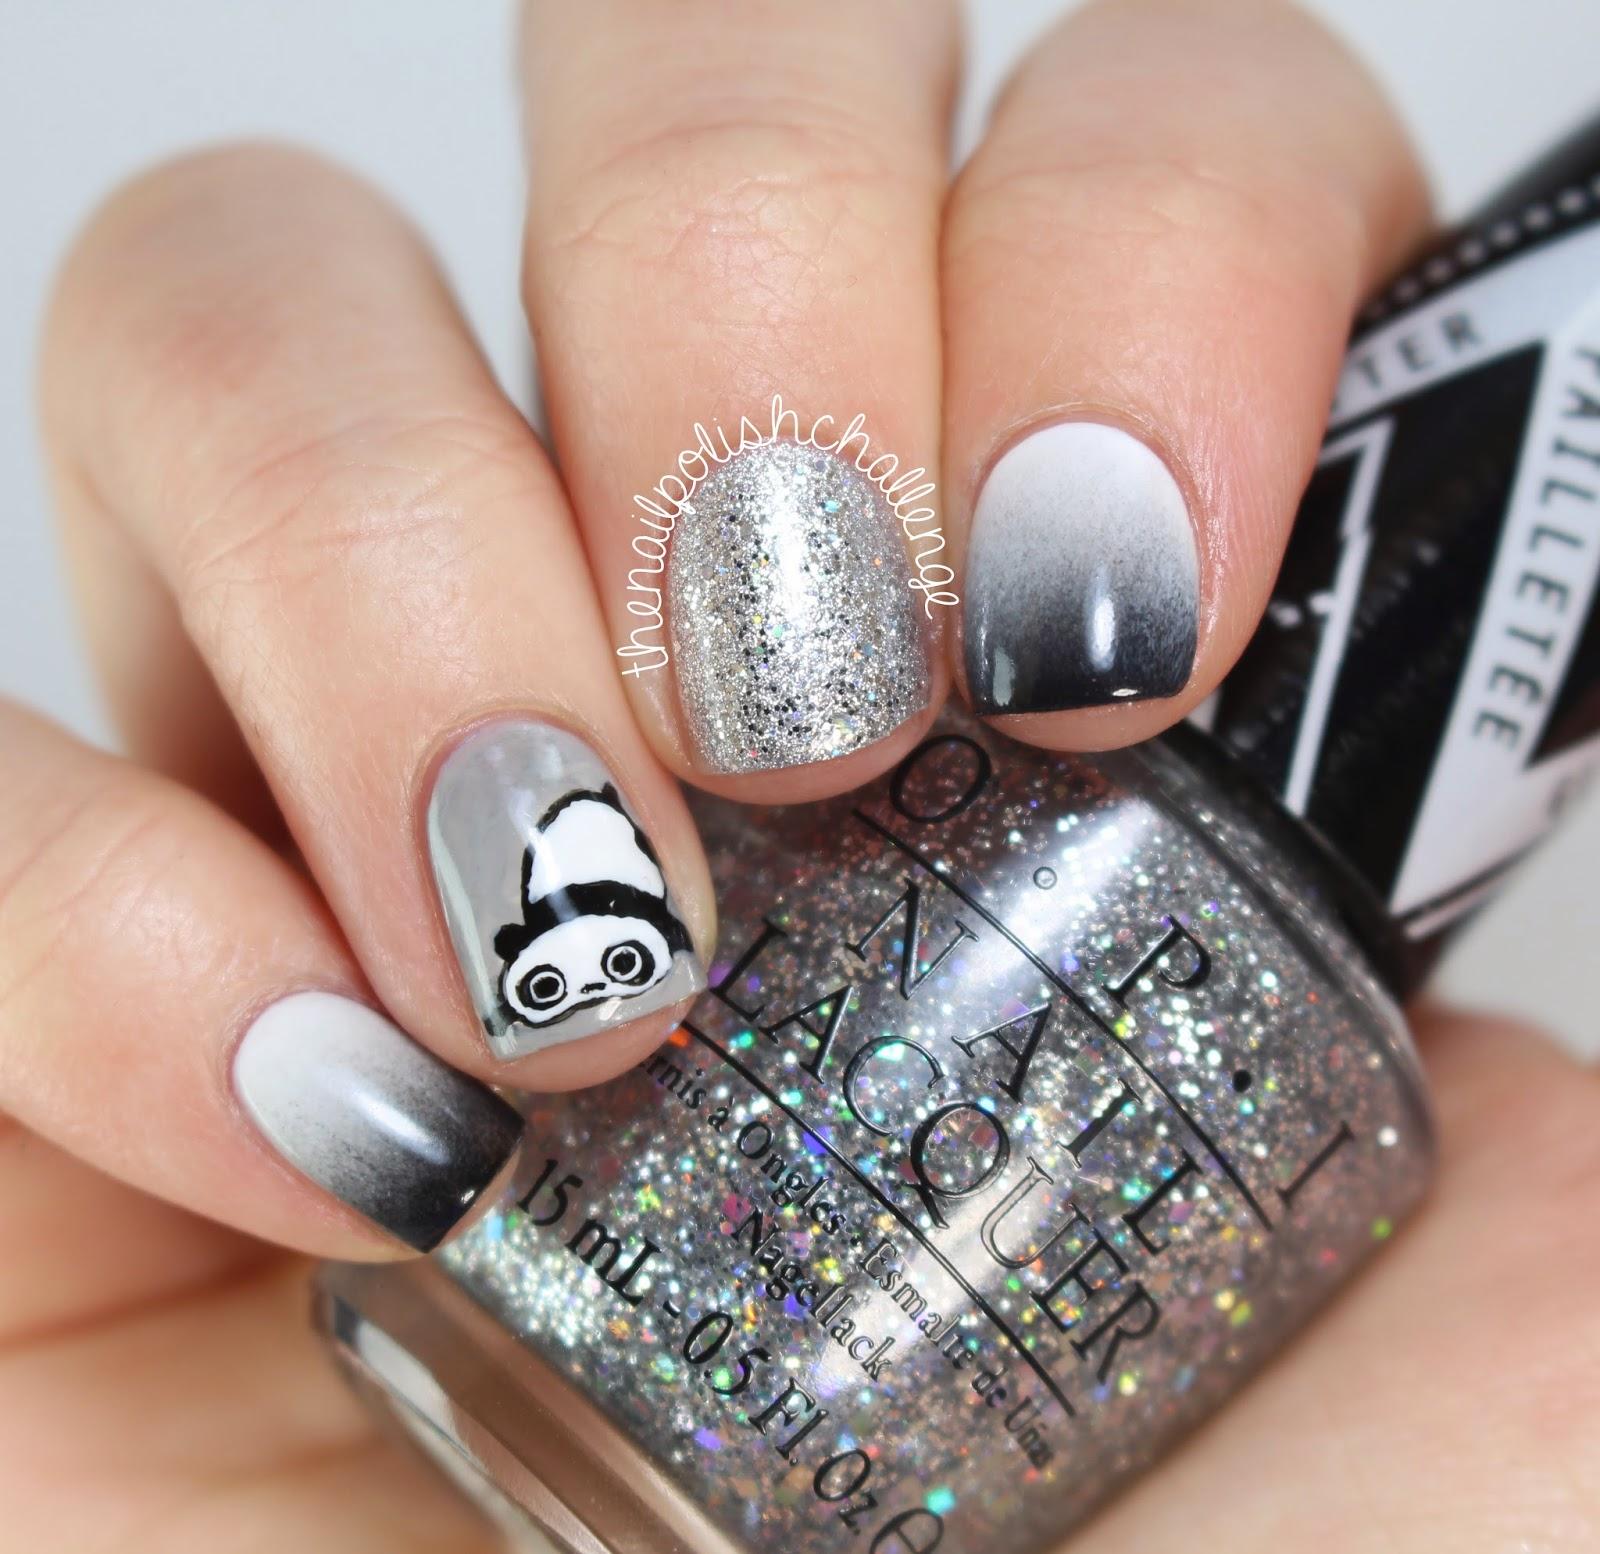 Panda Nail Art: Kelli Marissa: Grayscale Panda Nail Art